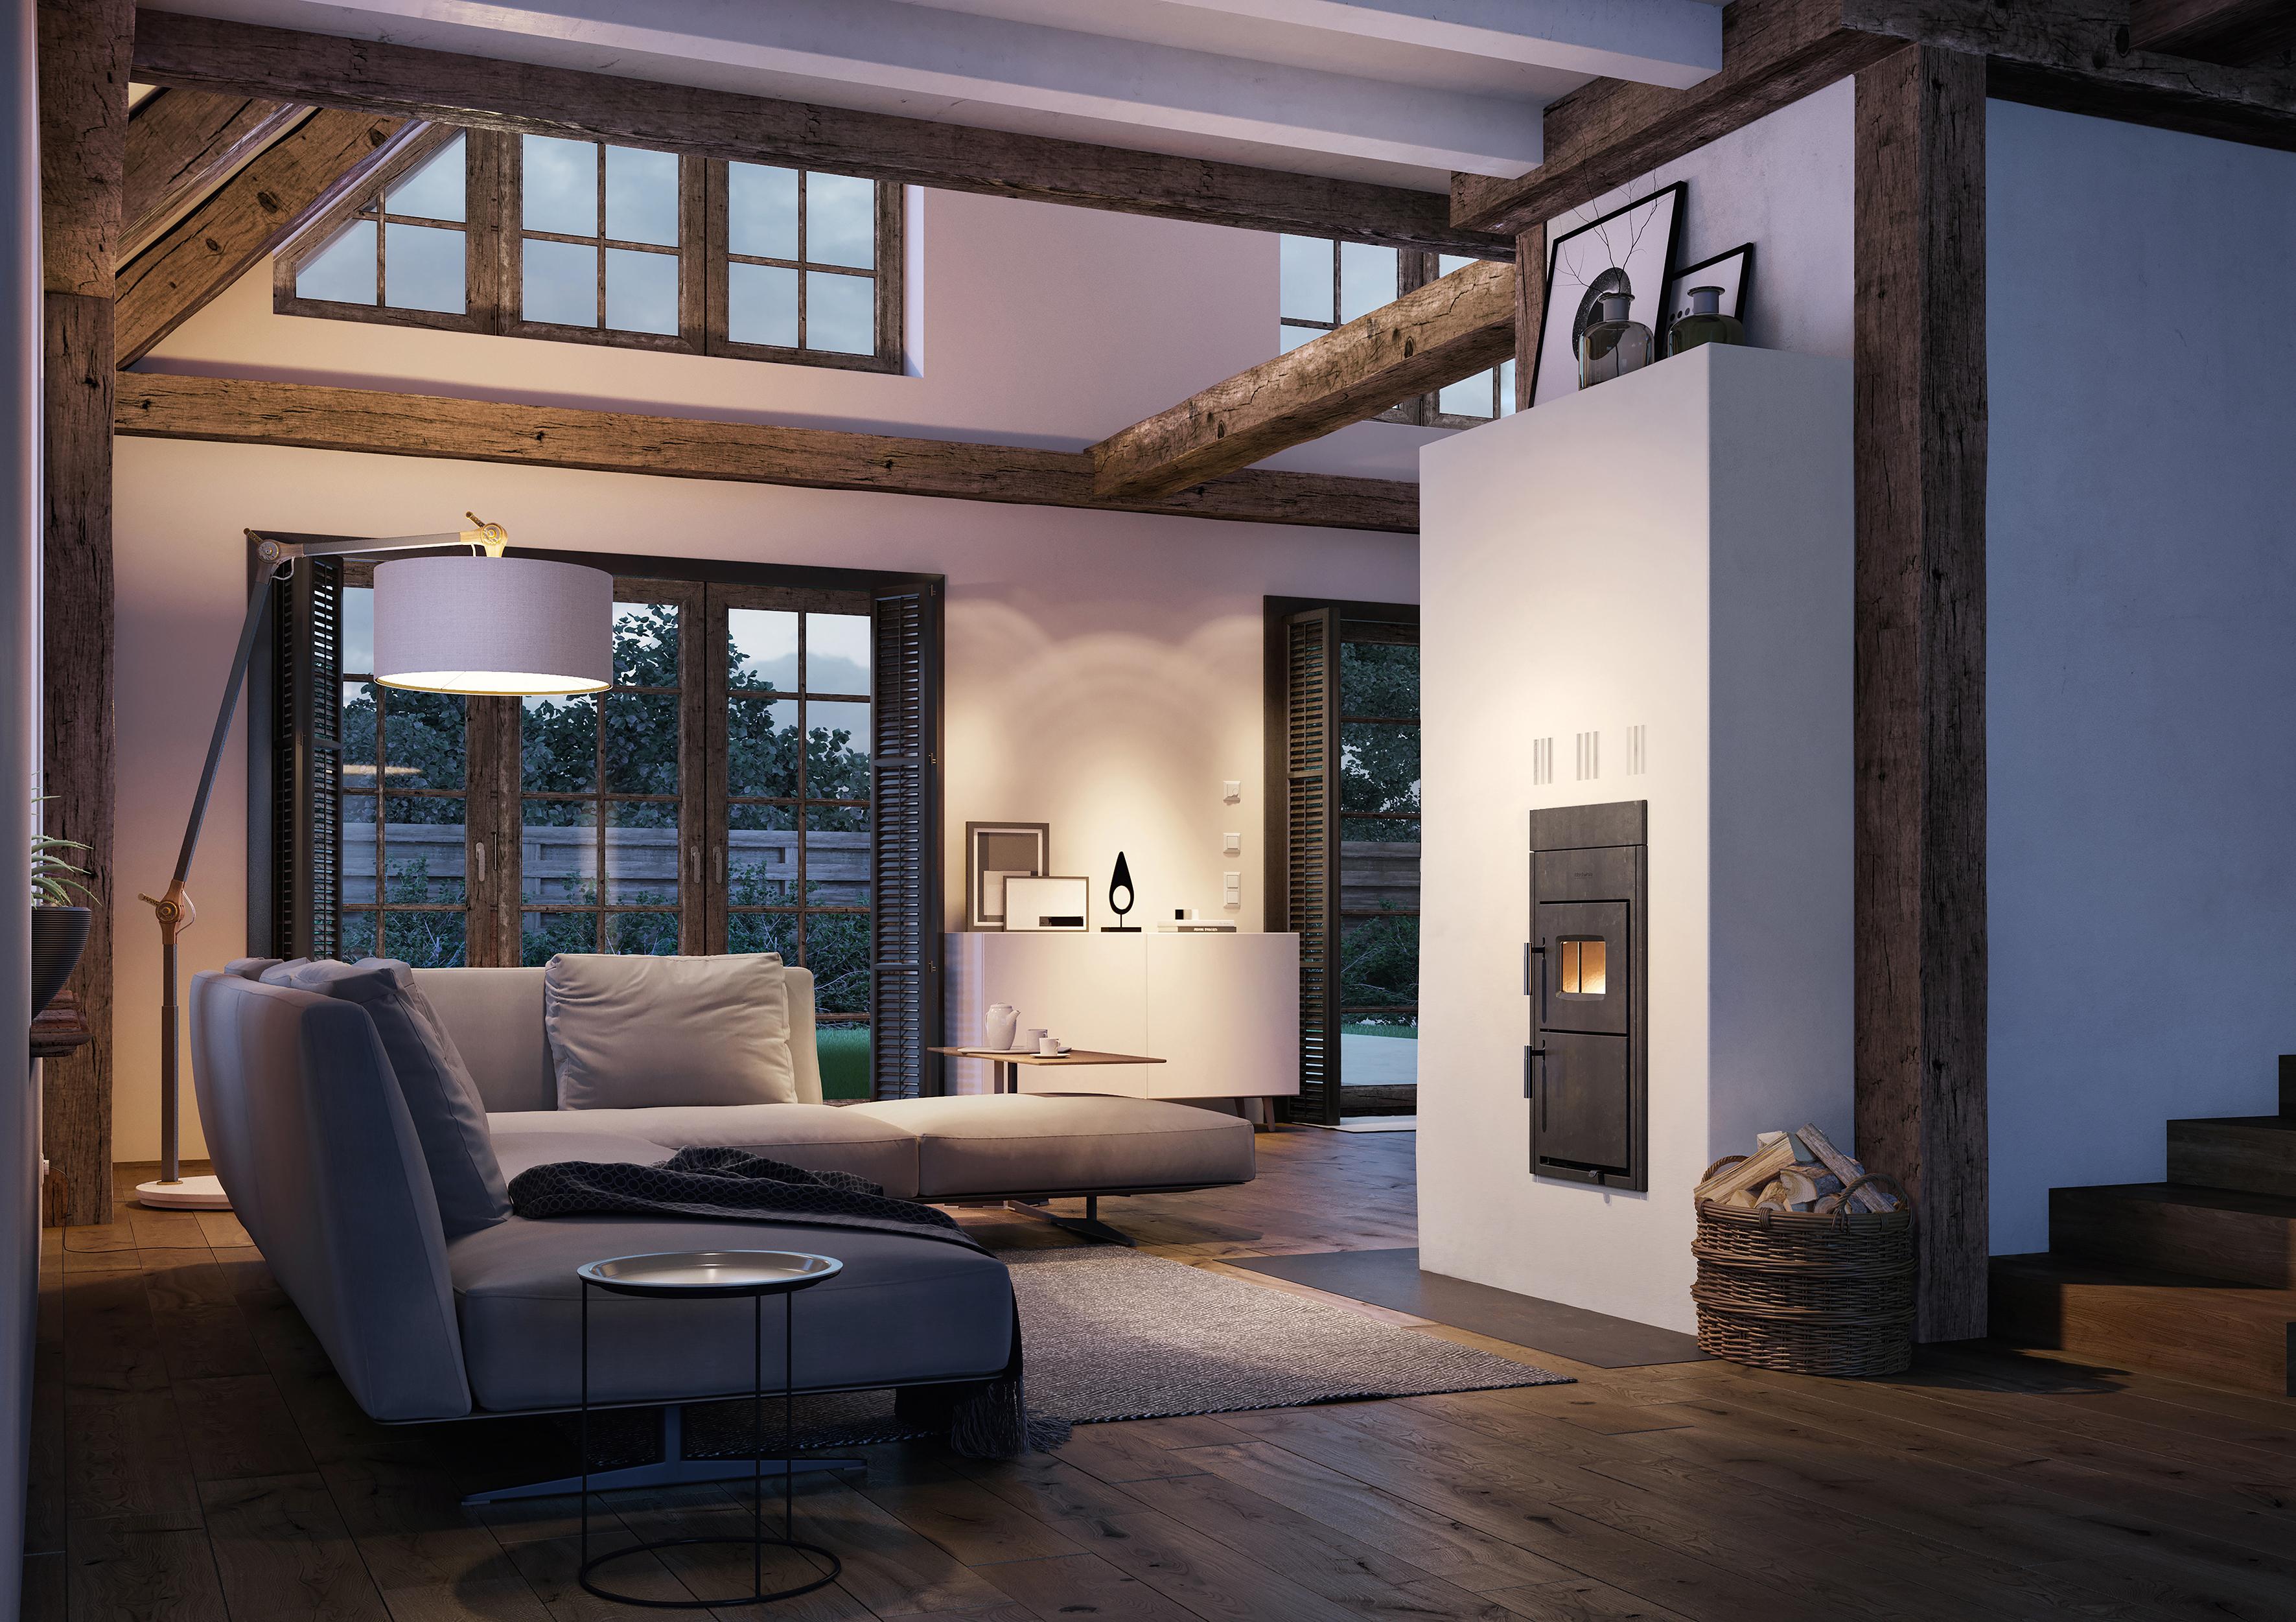 Moderne Technik in einem ansprechenden Wohnumfeld: Die neuen Buderus Festbrennstoff-Heizeinsätze Logaflame eignen sich sehr gut als Austauschgeräte in bestehenden Gebäuden.